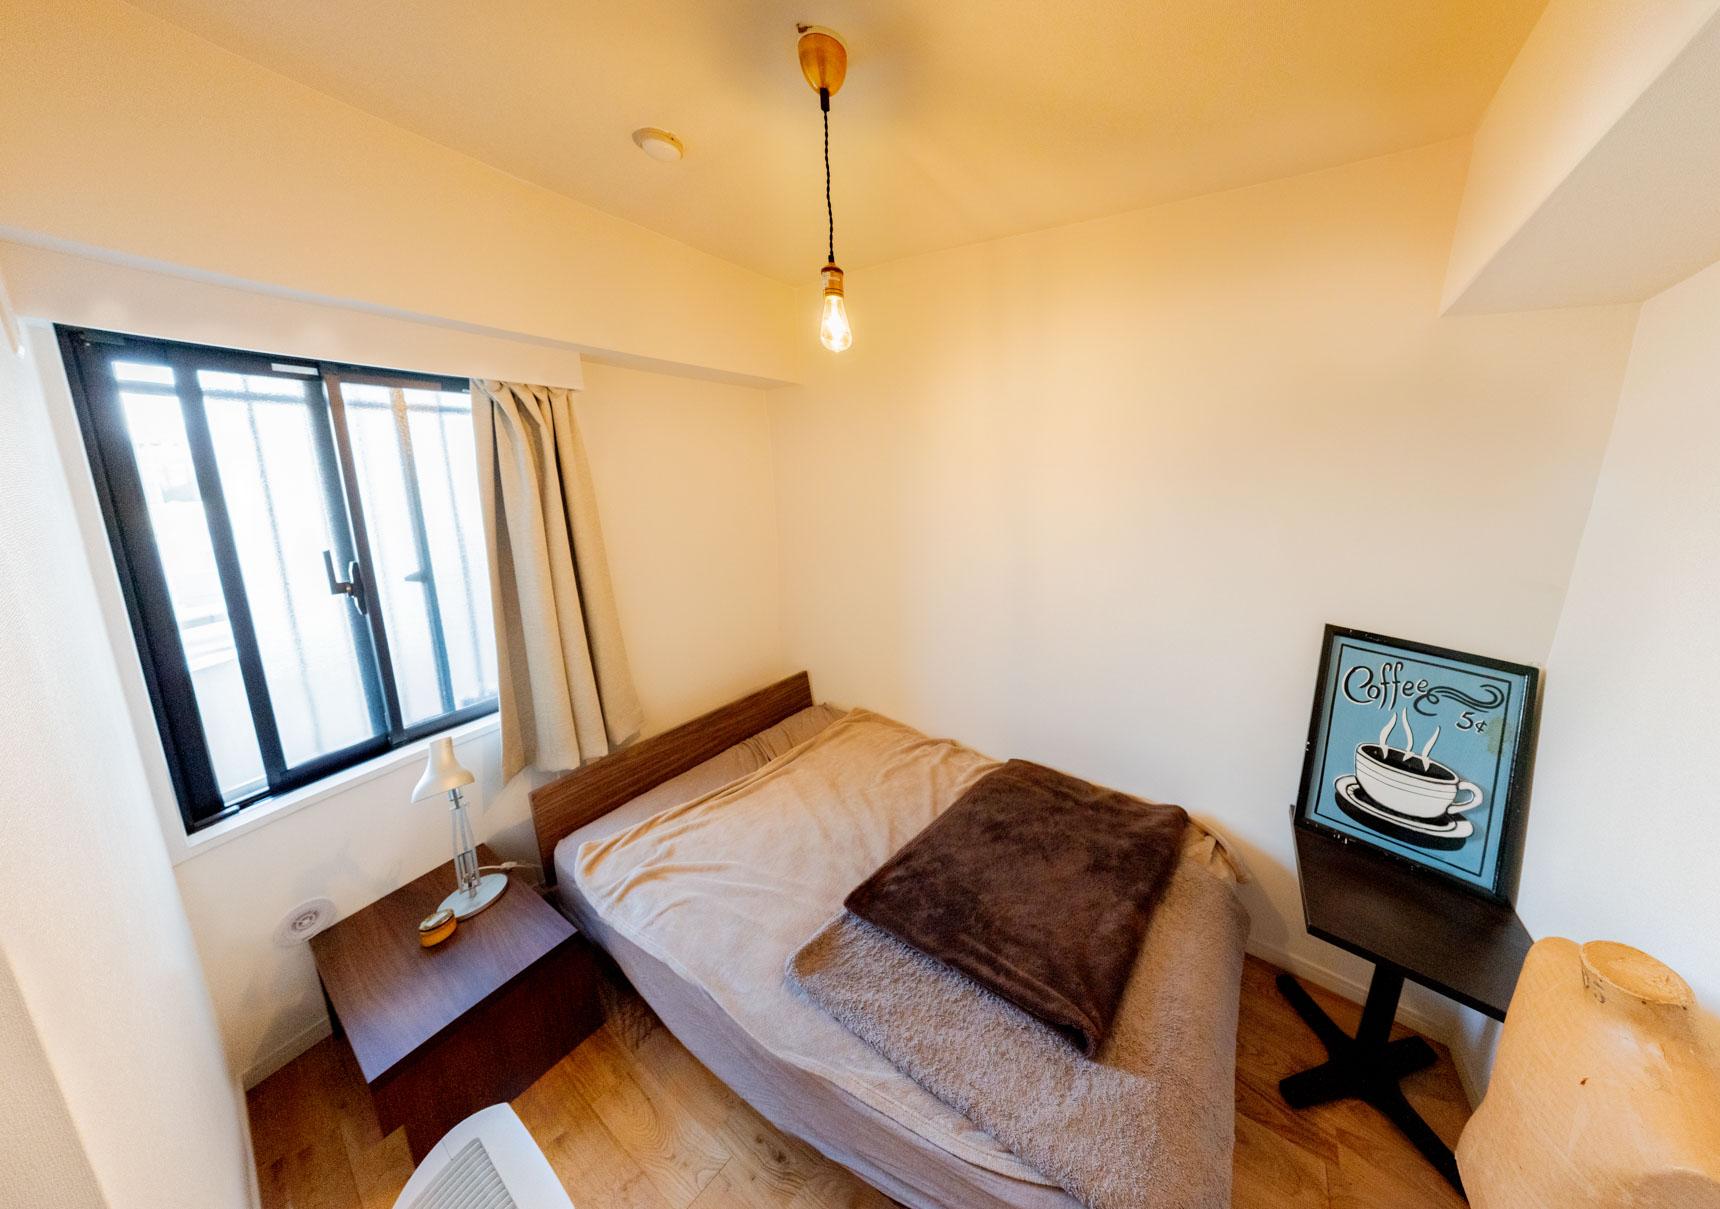 もうひとつある居室は、ゲストのための部屋にしている。